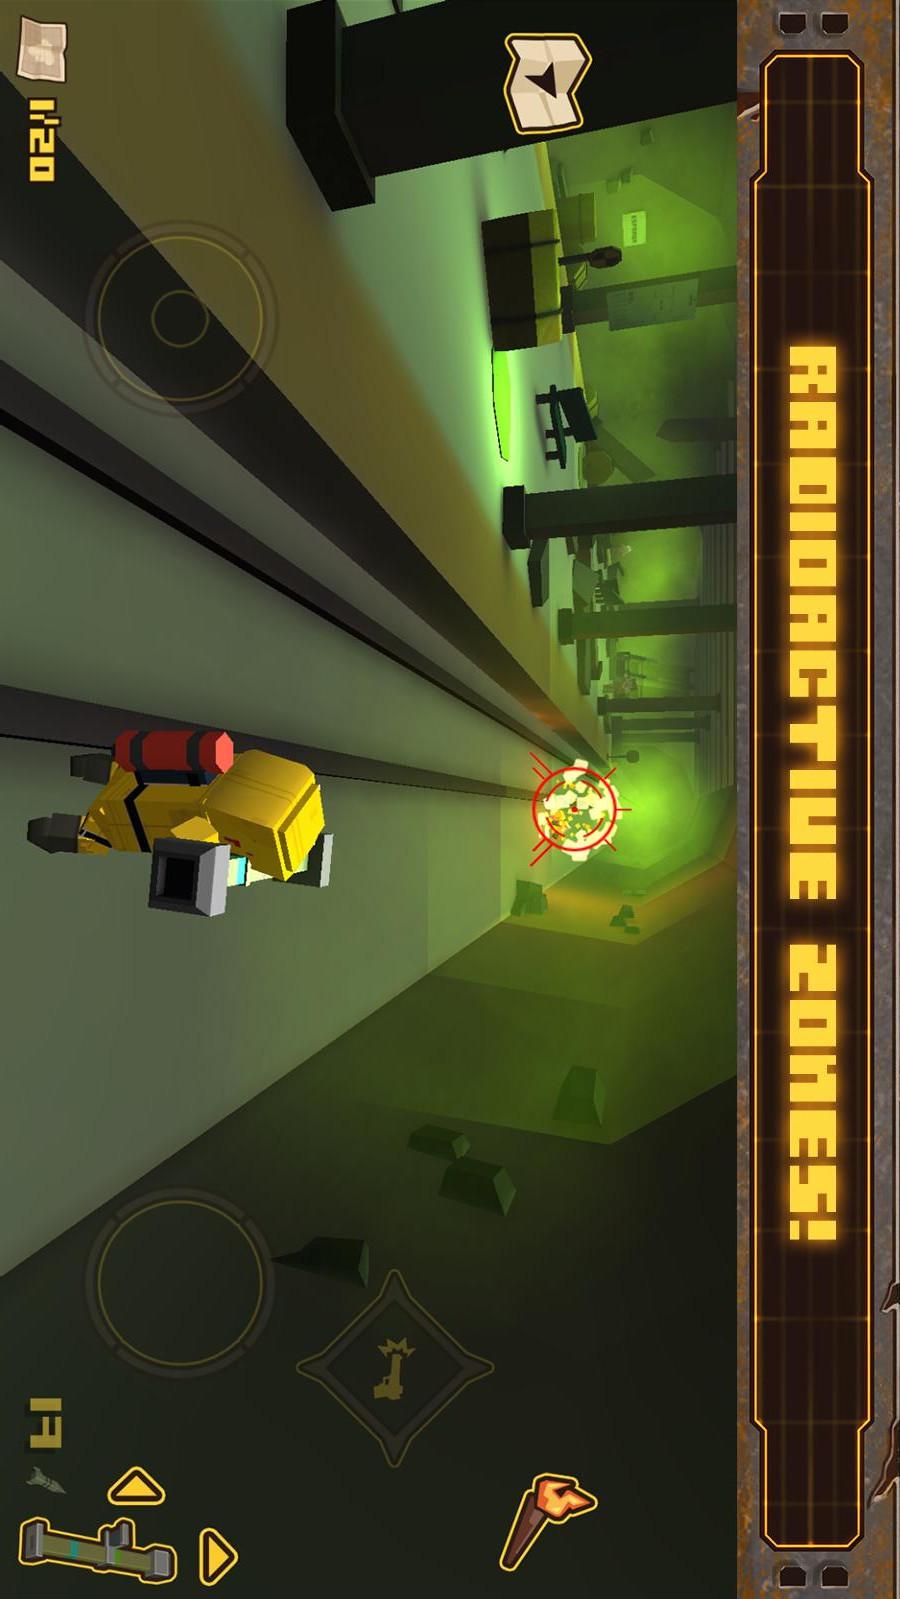 方块僵尸岛游戏截图